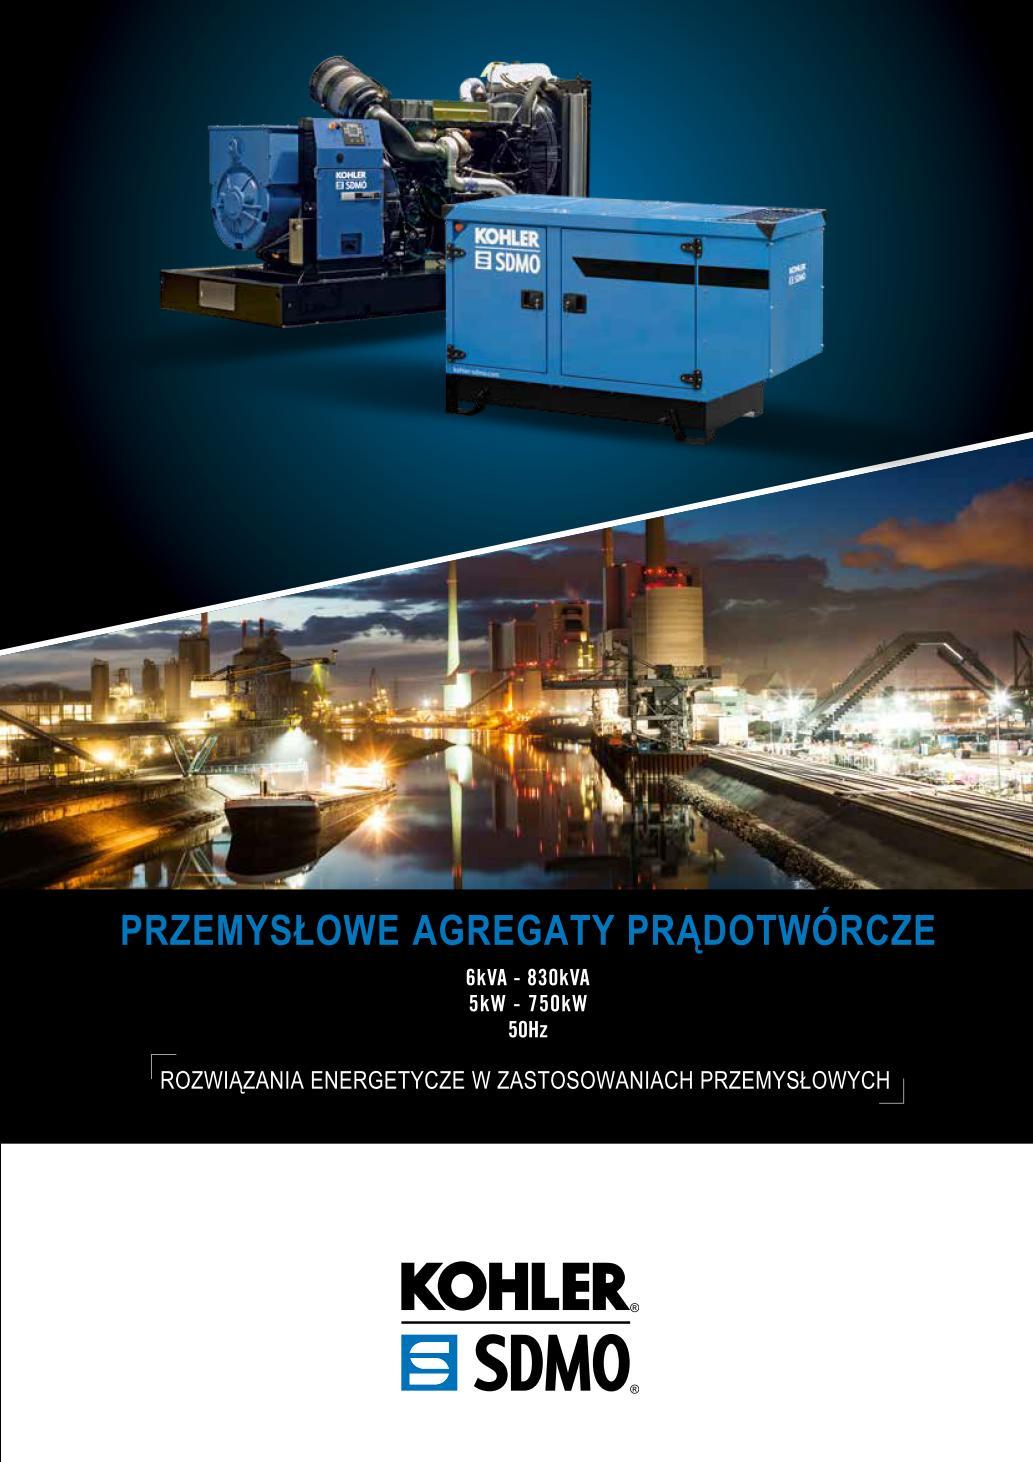 Agregaty przemysłowe broszura v2-20210104